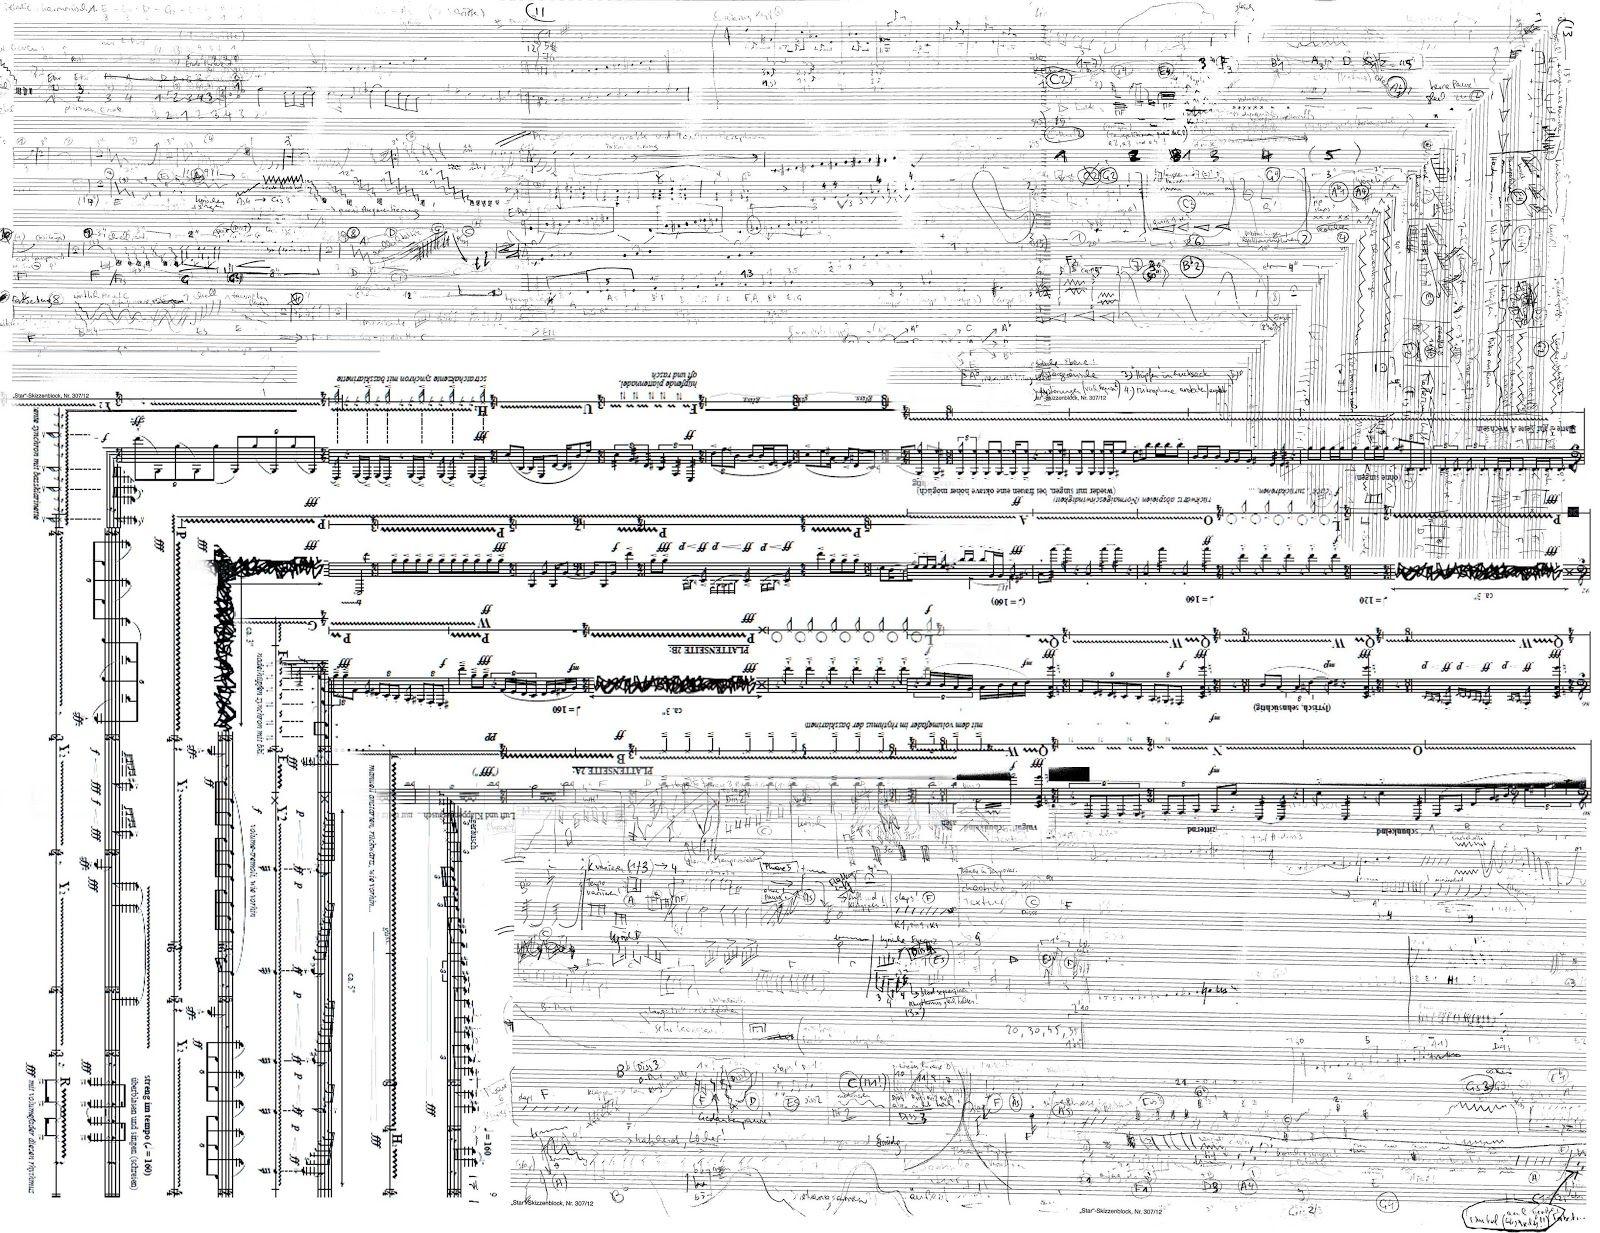 Matthias Kranebitter's scores edited by Magnus Caverius: